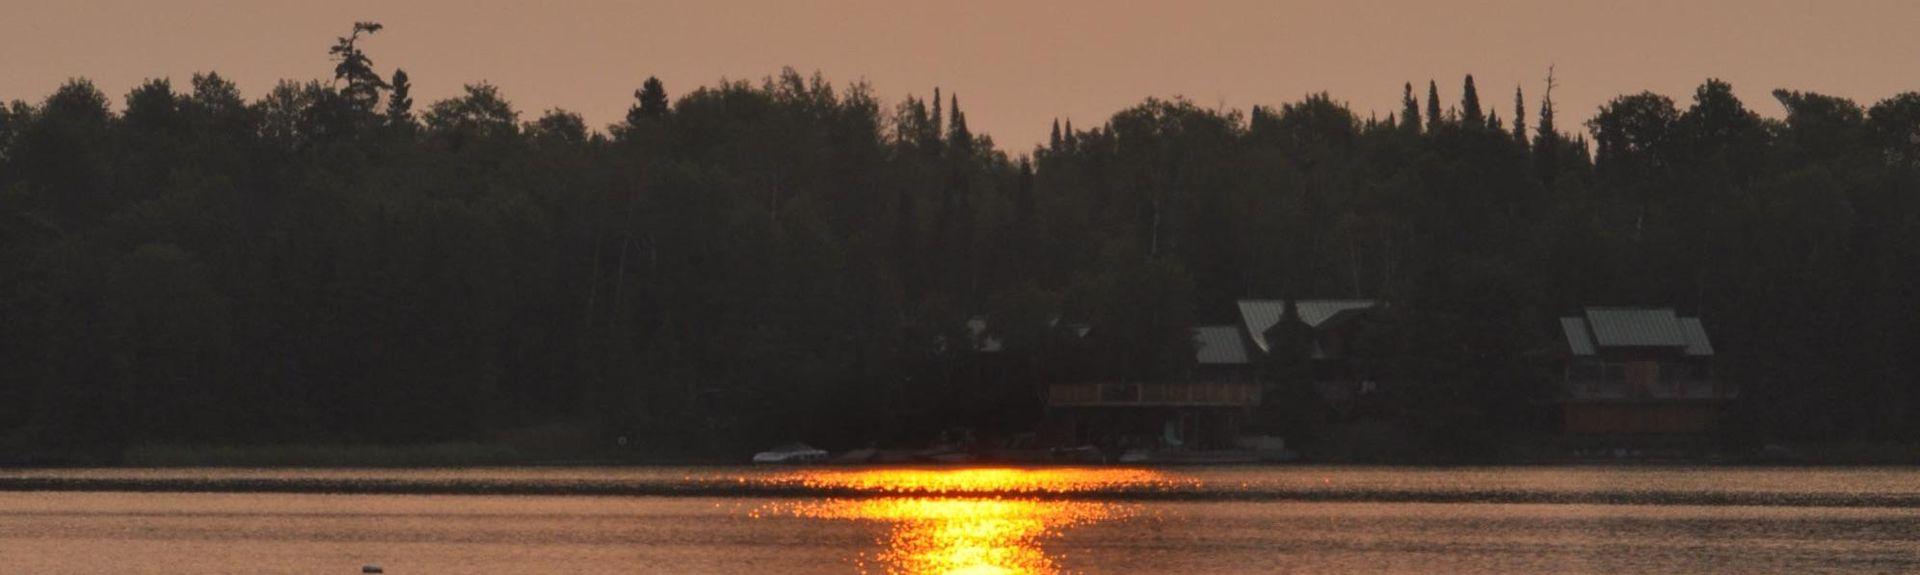 Husky The Muskie, Kenora, Ontario, Canada